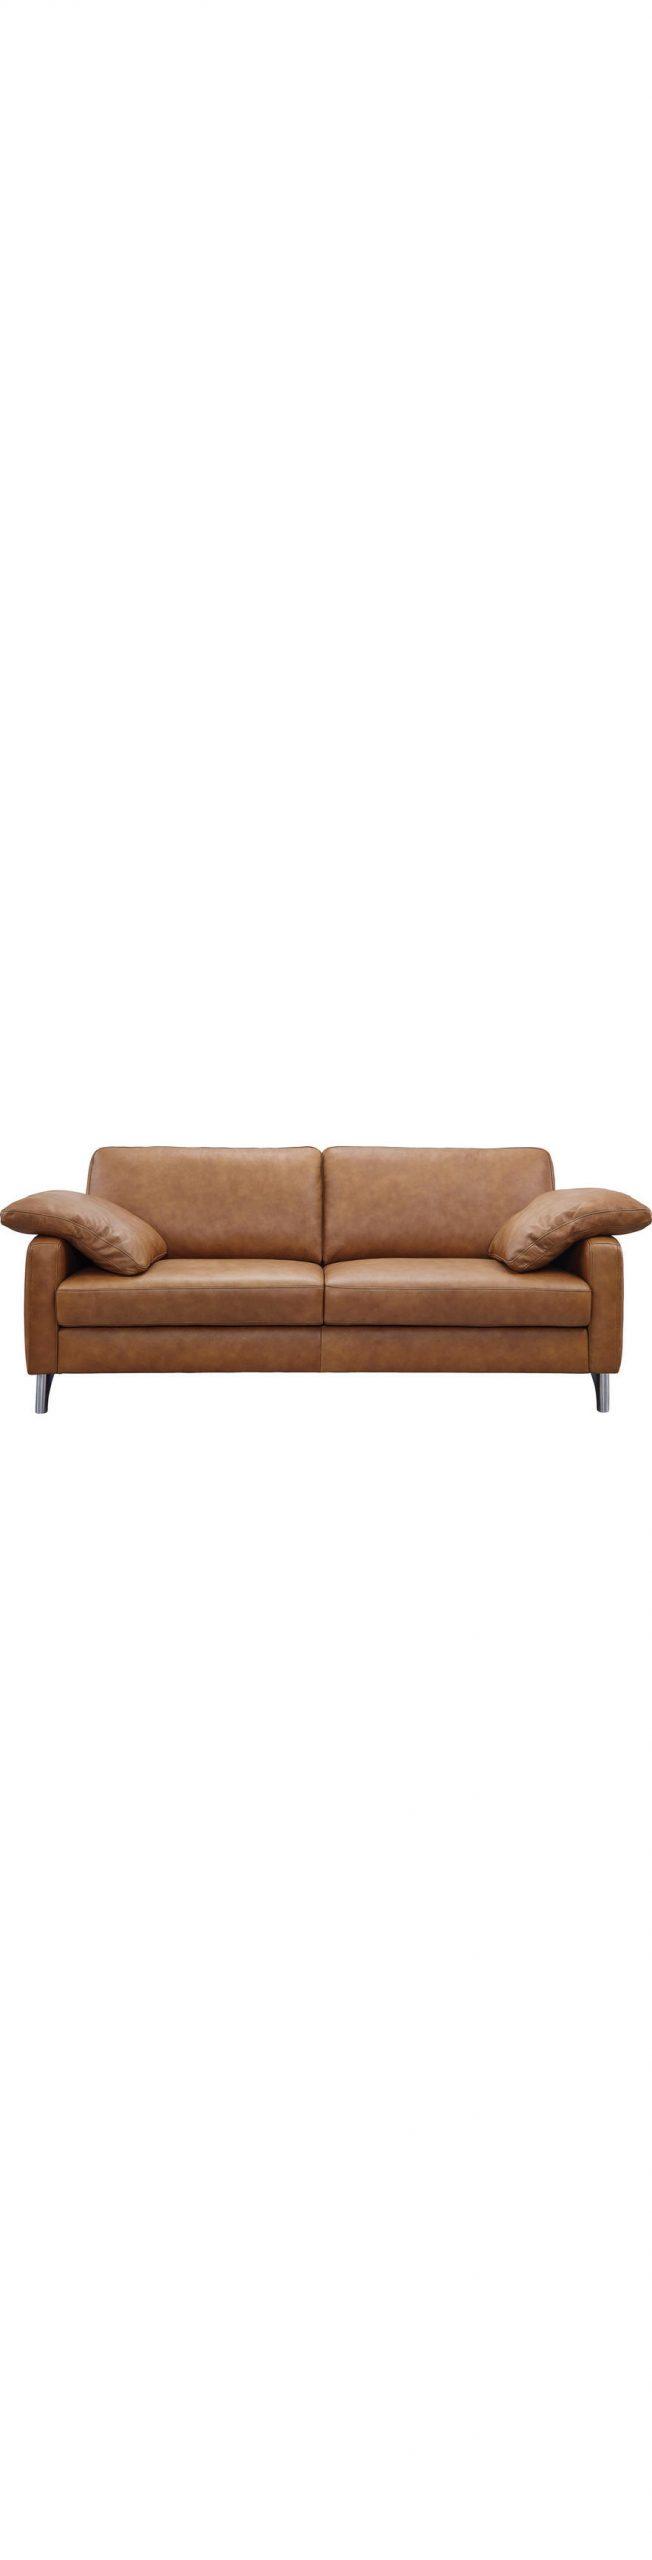 Full Size of Zweisitzer Sofa Mit Relaxfunktion 3 Sitzer Esstisch L Form Schlaf Schillig Ektorp Halbrundes Bezug Sofort Lieferbar Schlafsofa Liegefläche 180x200 Rund Sofa Zweisitzer Sofa